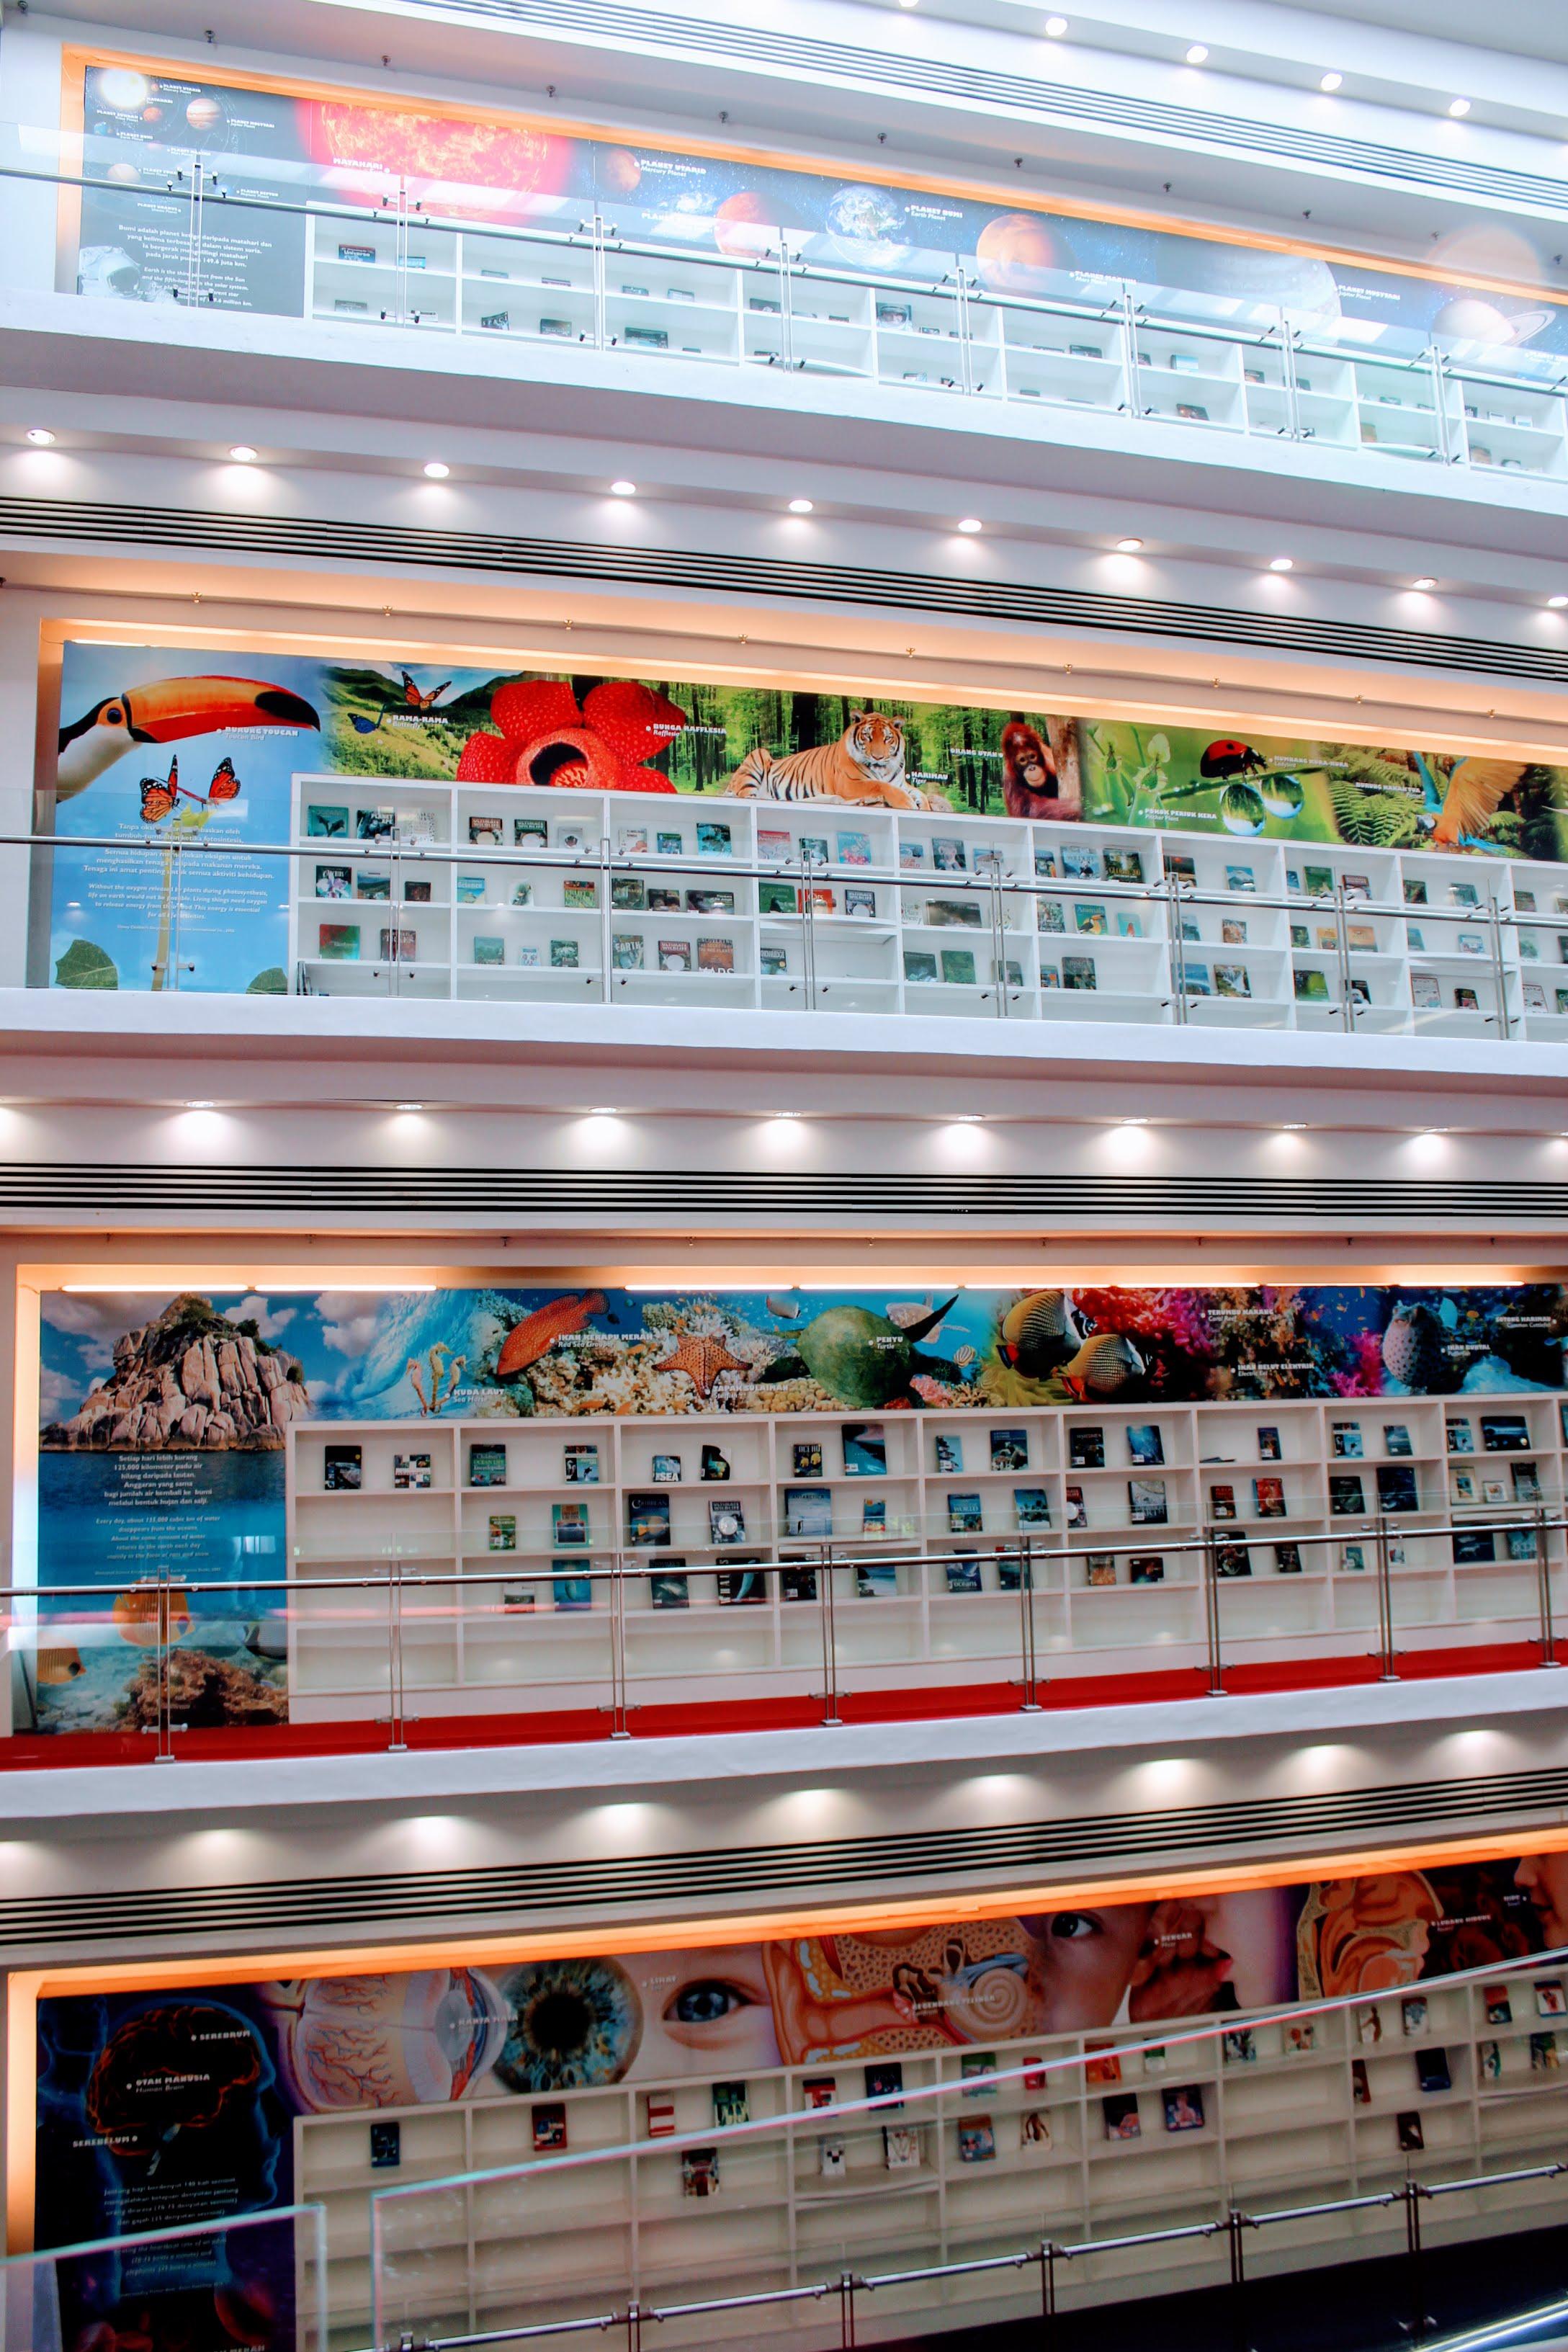 Kuva 3:  Selangorin kirjaston eri kerrosten kirjanäyttelypisteitä reunusti aiheeseen sopiva seinäkuvitus. Kuvaaja: Pirjo Kangas